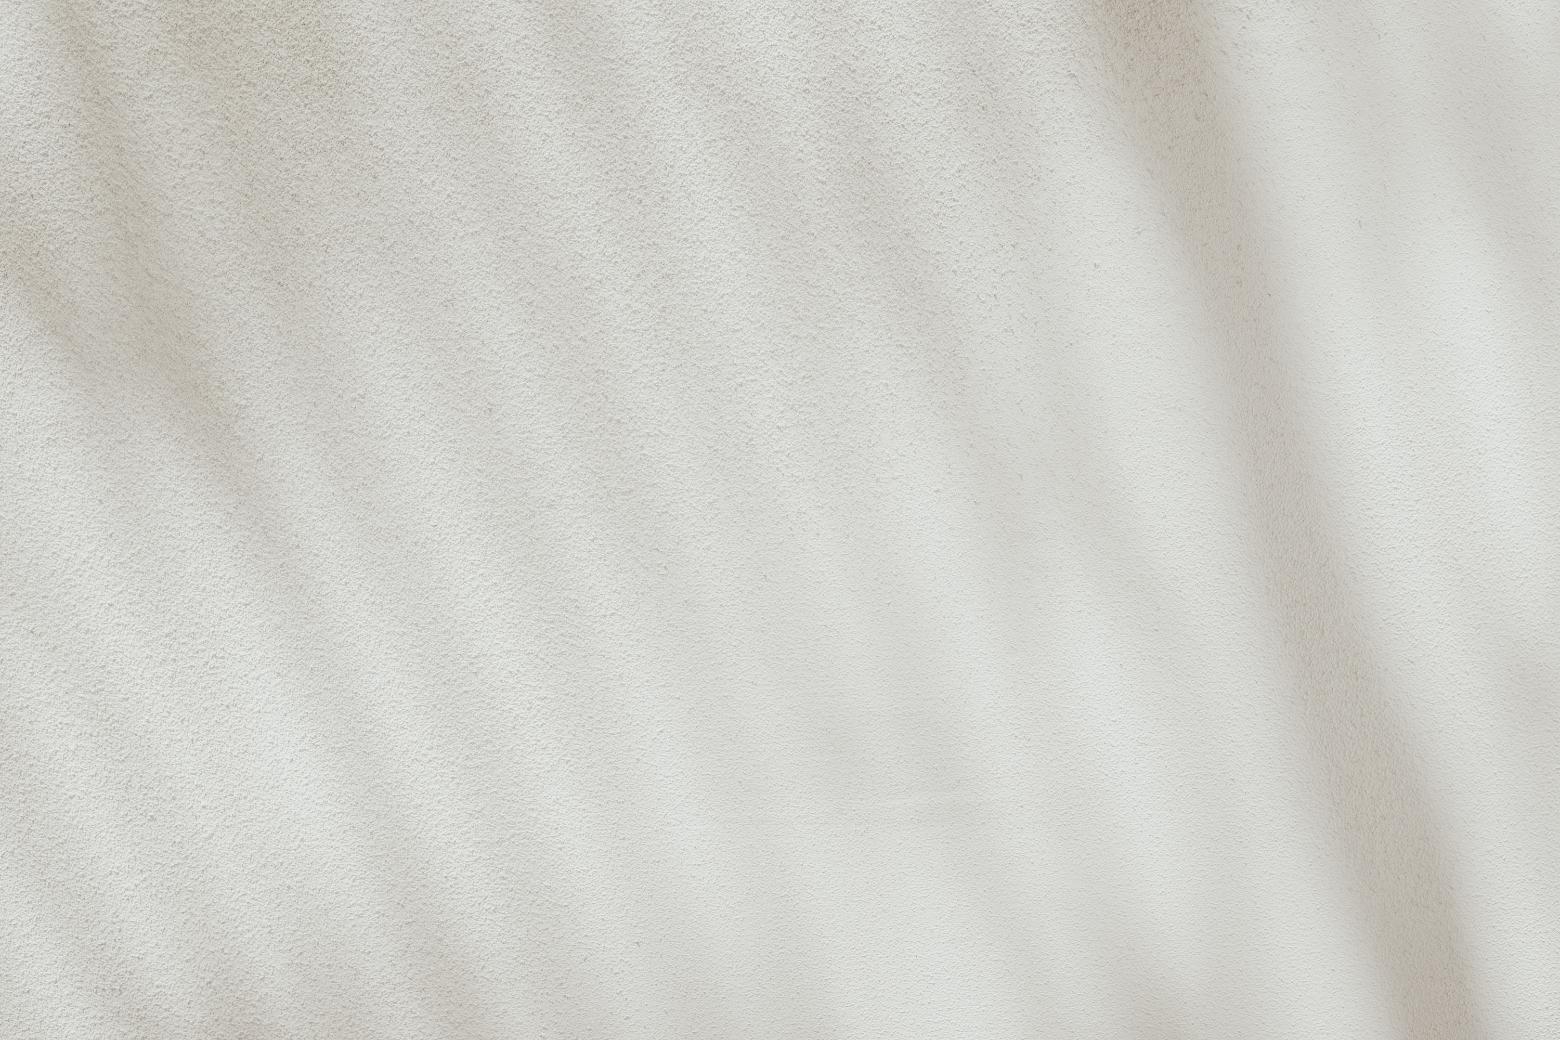 Sterbehilfe: Schatten auf einer weißen Wand. Symbolbild. Wann ist ein Leben nicht mehr lebenswert? Gehören Leid und Tod nicht auch zum Leben dazu? Sterbehilfe – Pro und Contra. In: Prinzip Apfelbaum. Magazin über das, was bleibt. Foto: Bernard Hermant on Unsplash